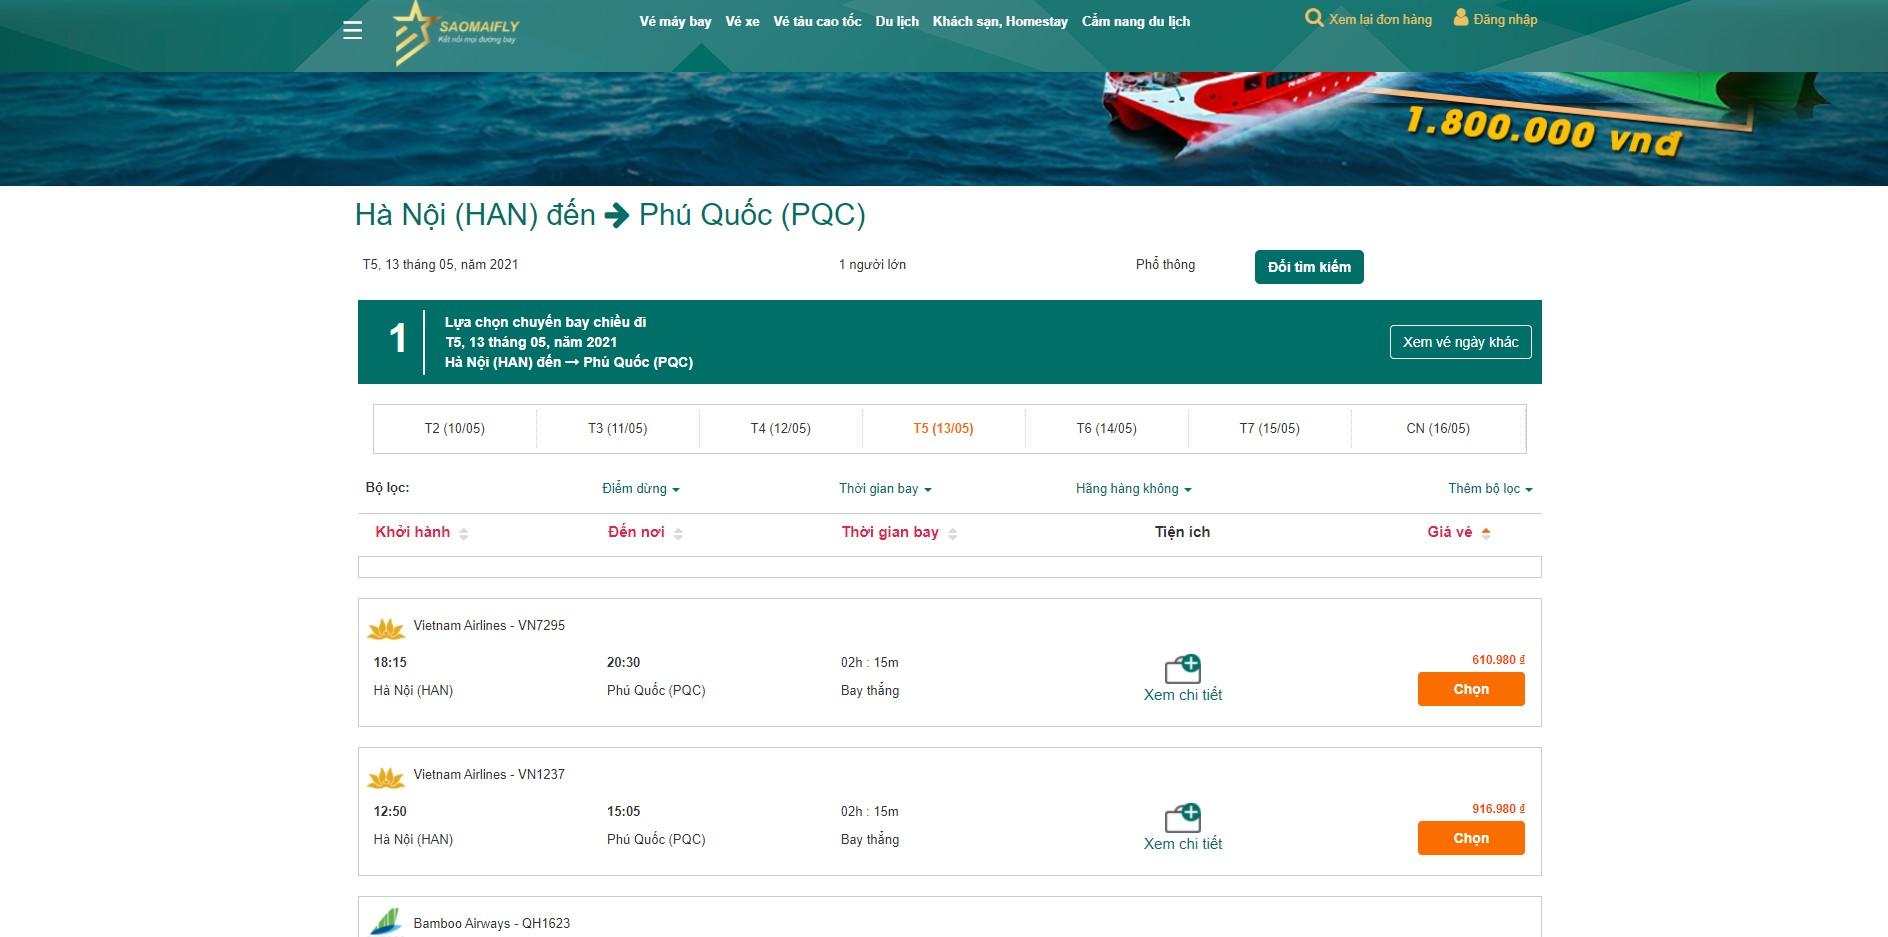 Giá vé máy bay Hà Nội - Phú Quốc tham khảo